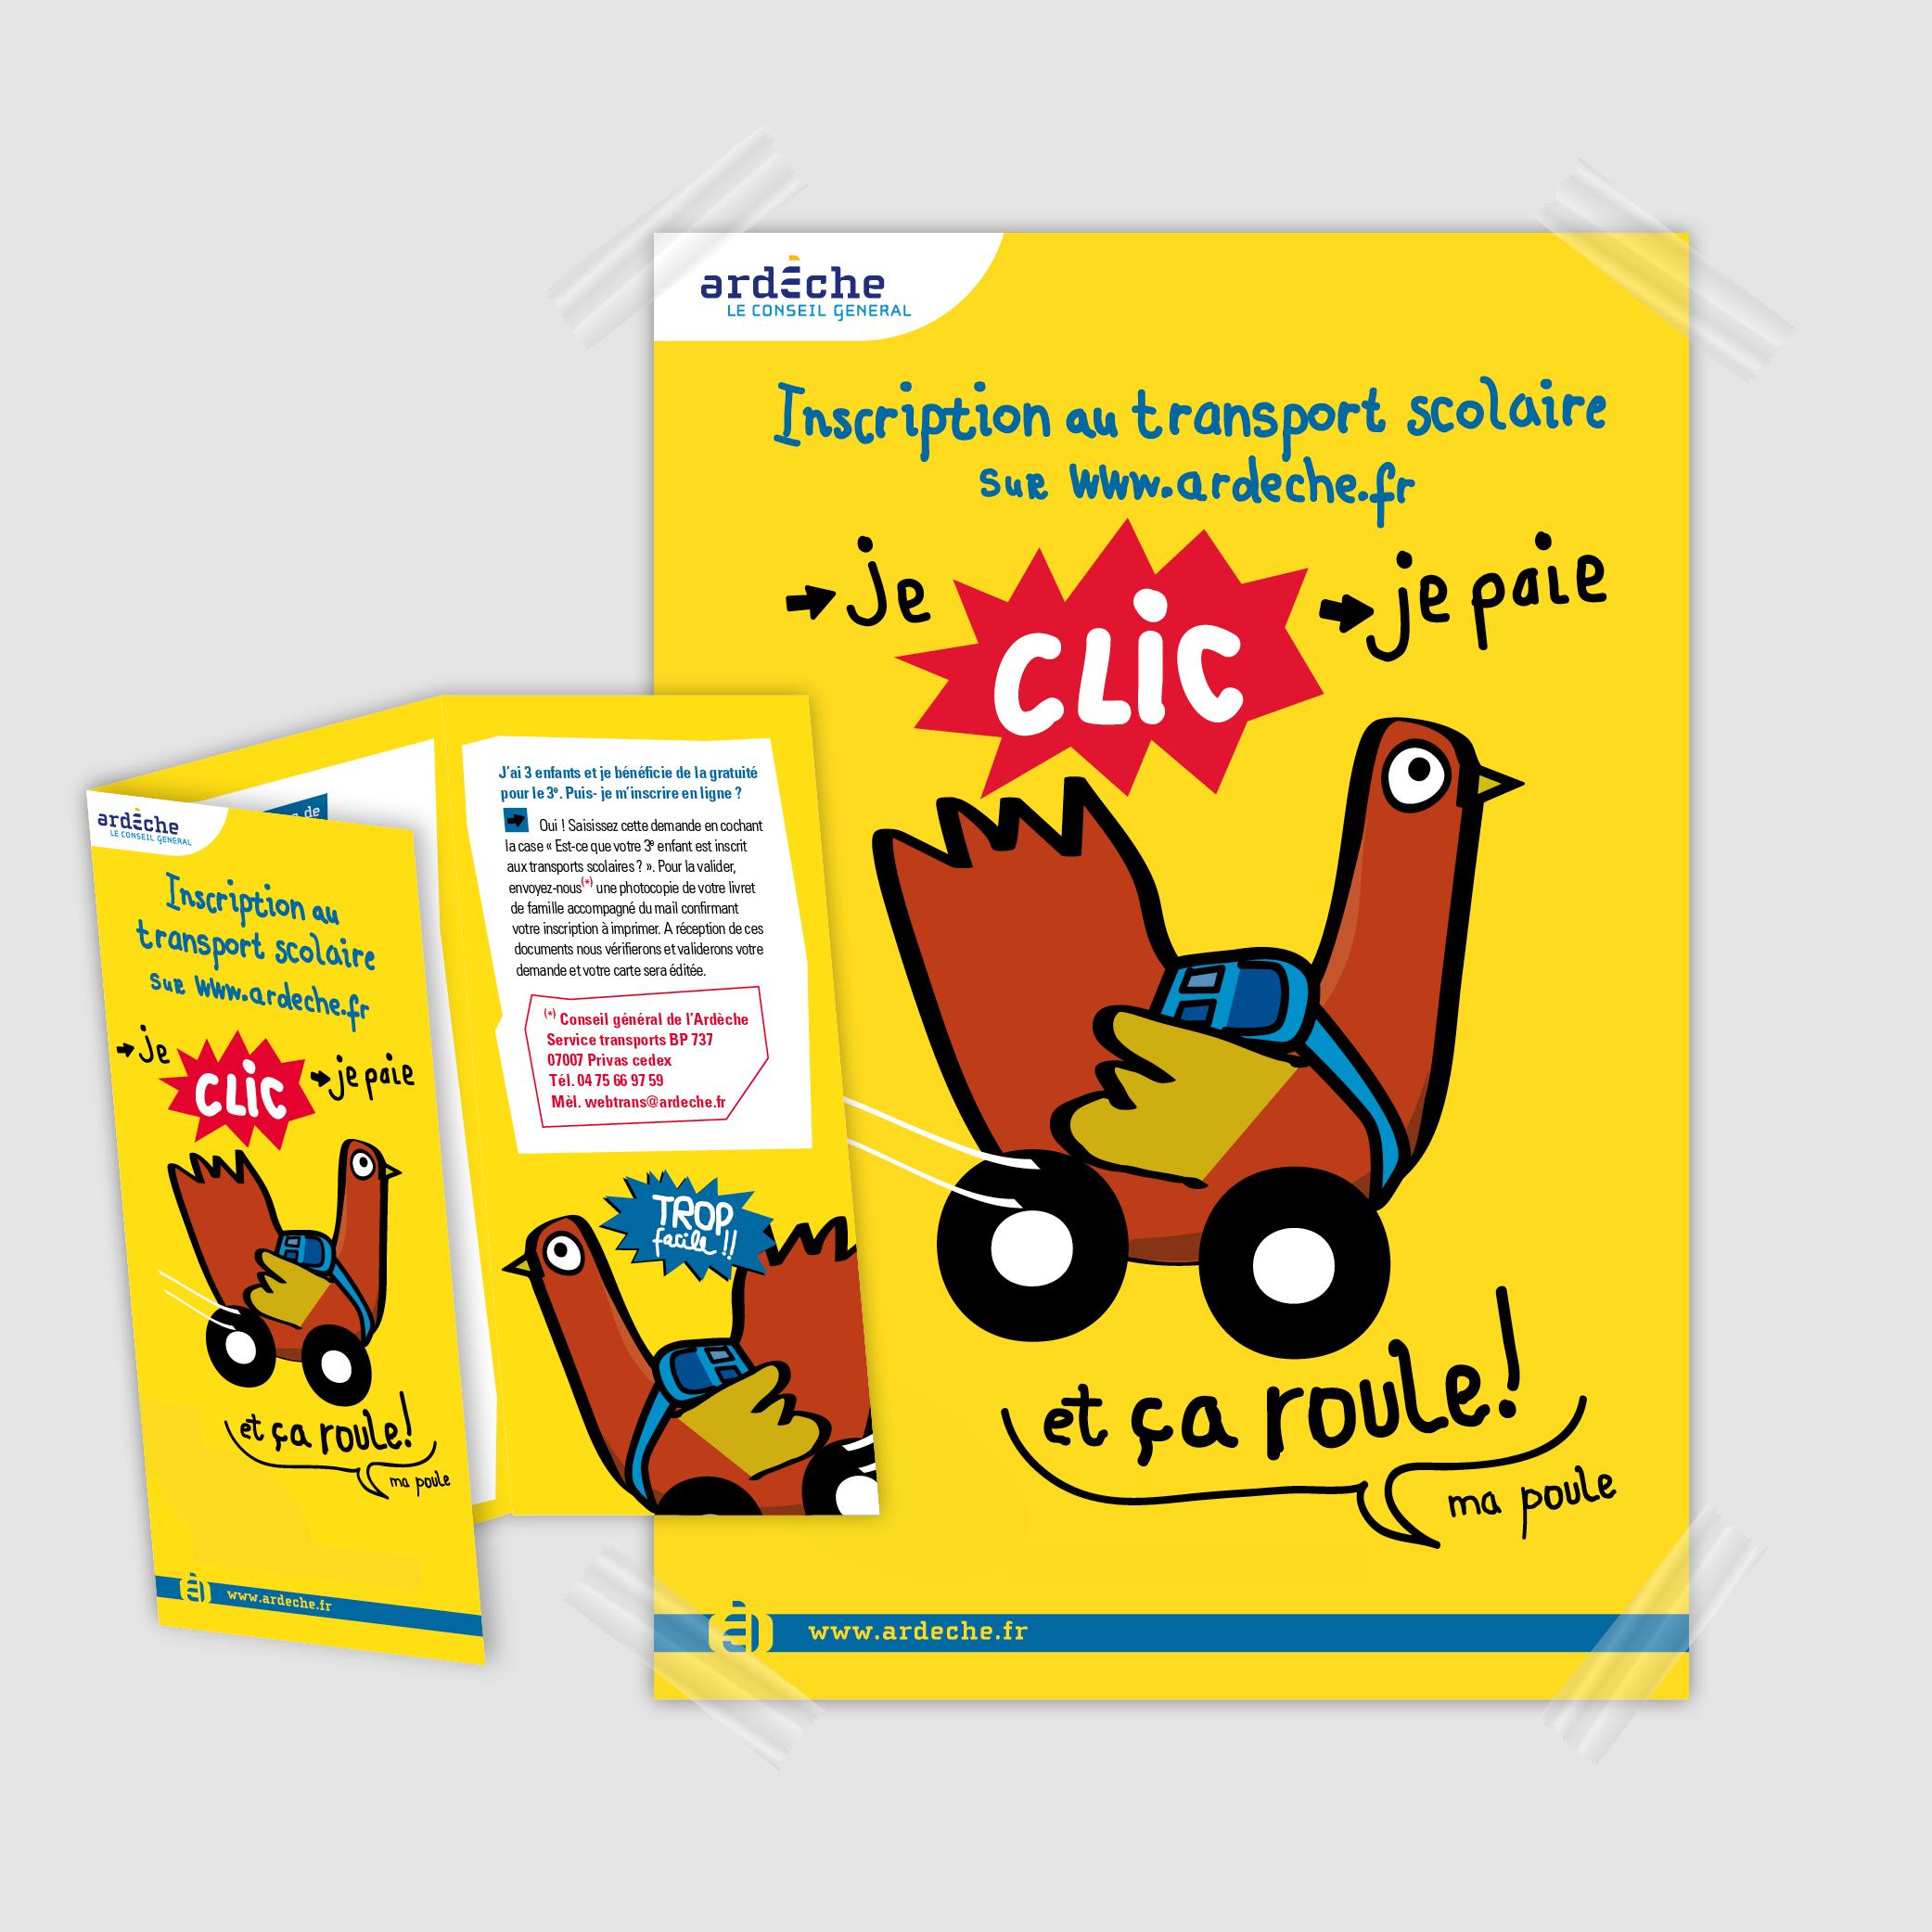 Ca roule ma poule, les transports scolaires pour le conseil général de l'Ardèche par Cités Plume, agence de communication à Villeurbanne, Rhône